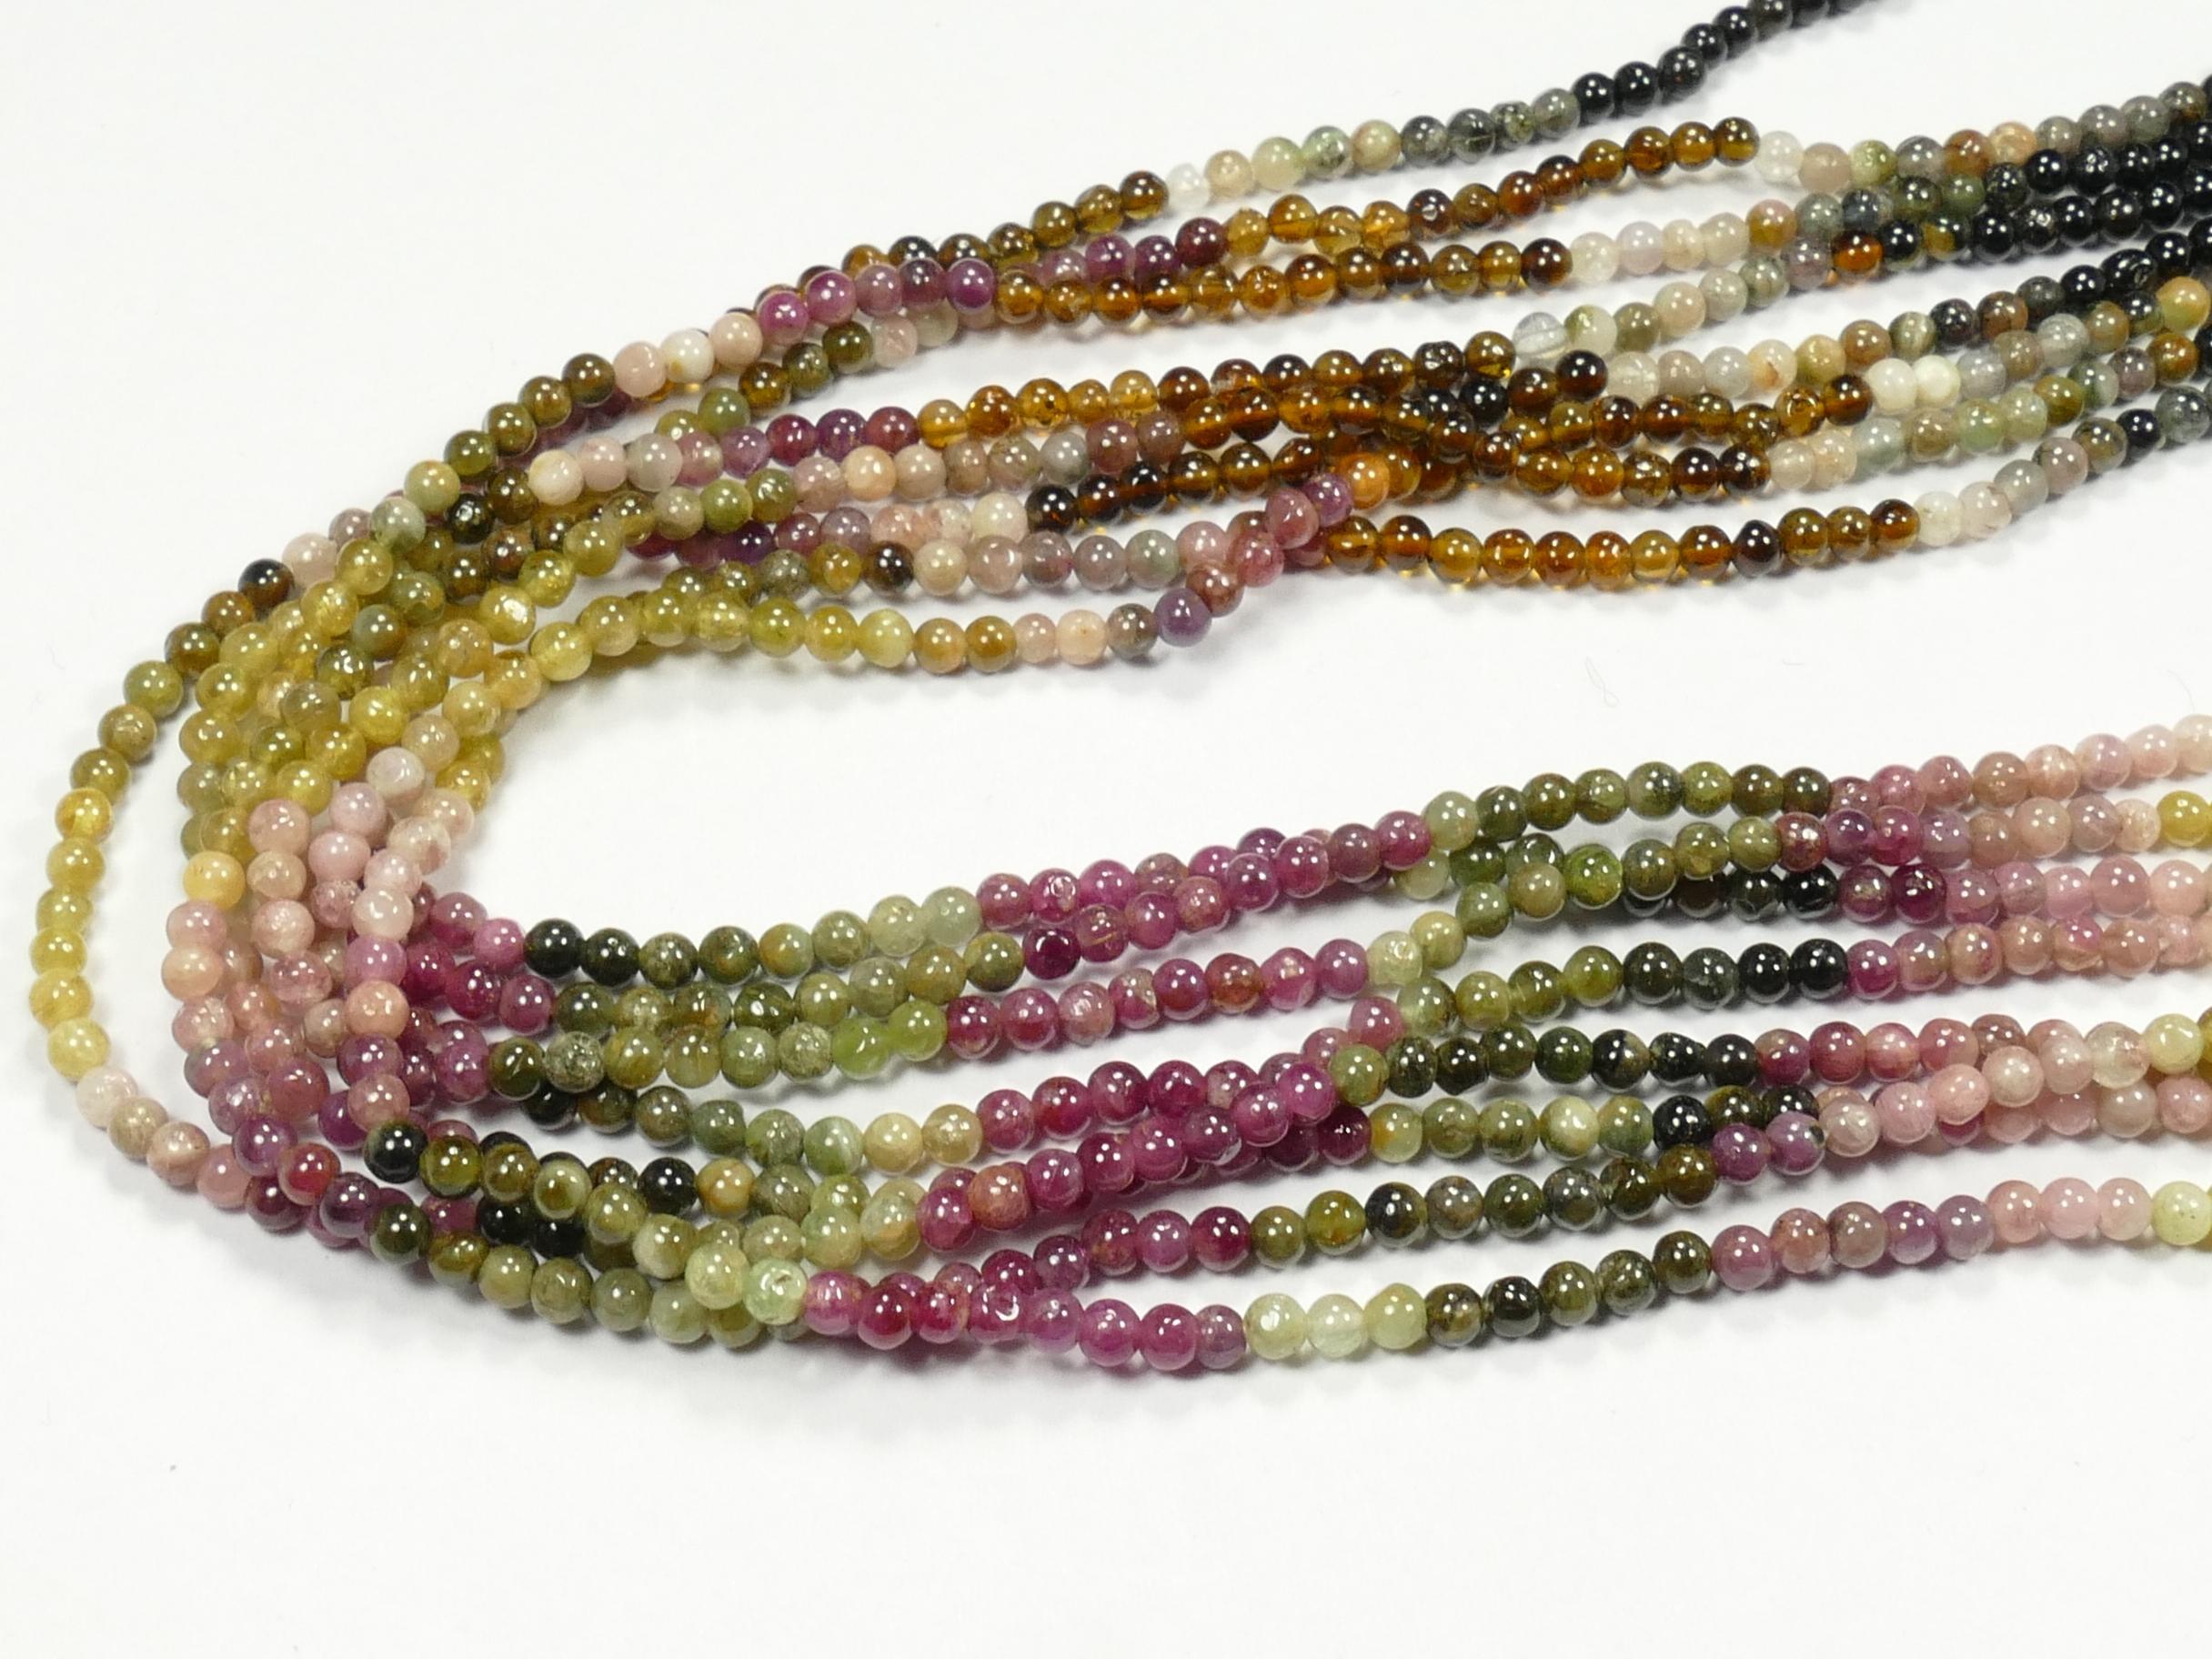 2.7mm Fil de petites perles de Tourmaline naturelle multicolore en boule lisse 36cm (14.1inch) (#AC859)